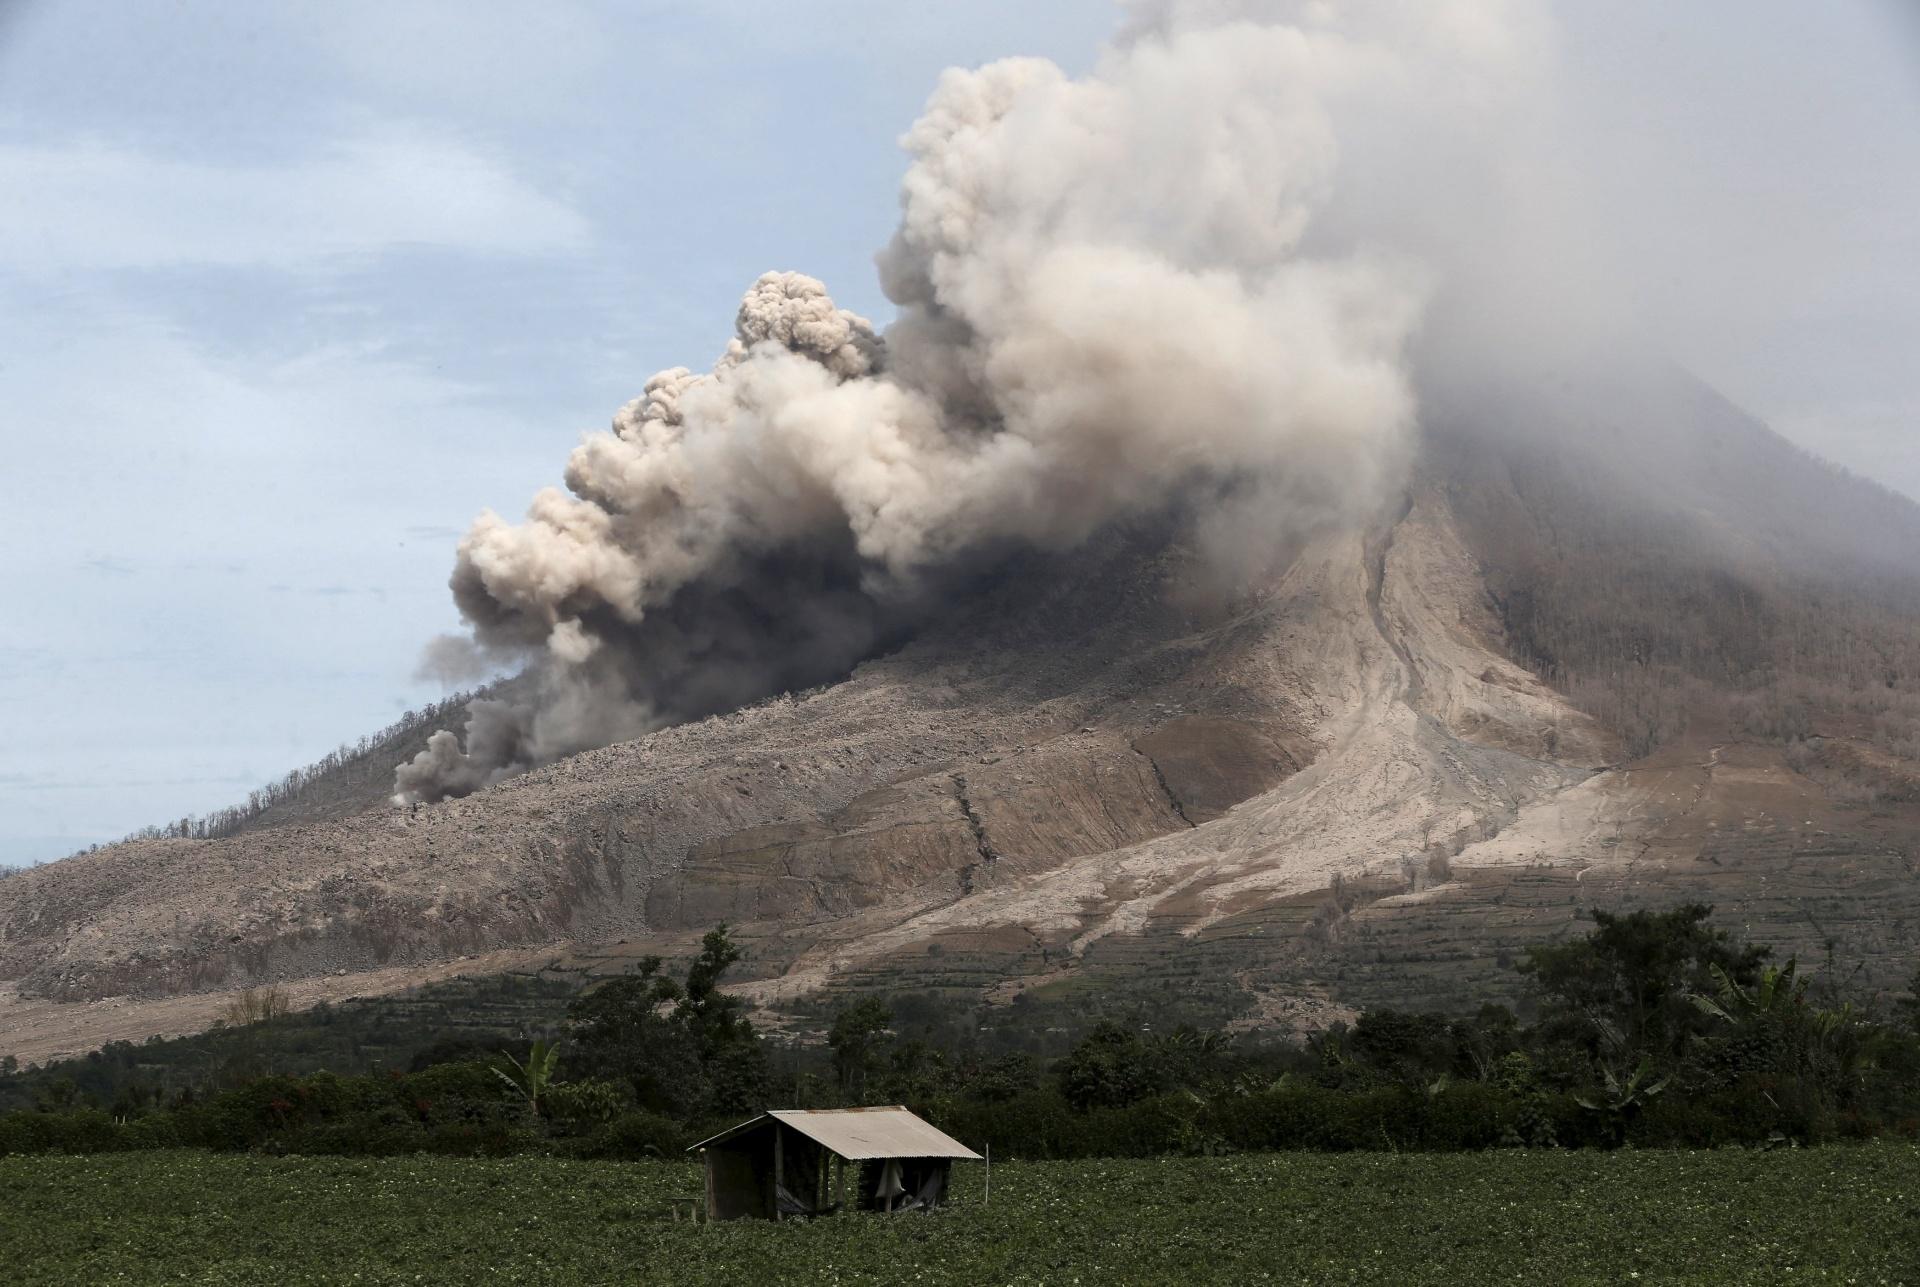 20.jun.2015 - Cinzas são expelidas pelo vulcão Sinabung, na província de Sumatra do Norte, na Indonésia, na manhã deste sábado (20). Mais de dez mil pessoas já tiveram de deixar suas casas enquanto o vulcão tem seu maior período de atividade desde 2013